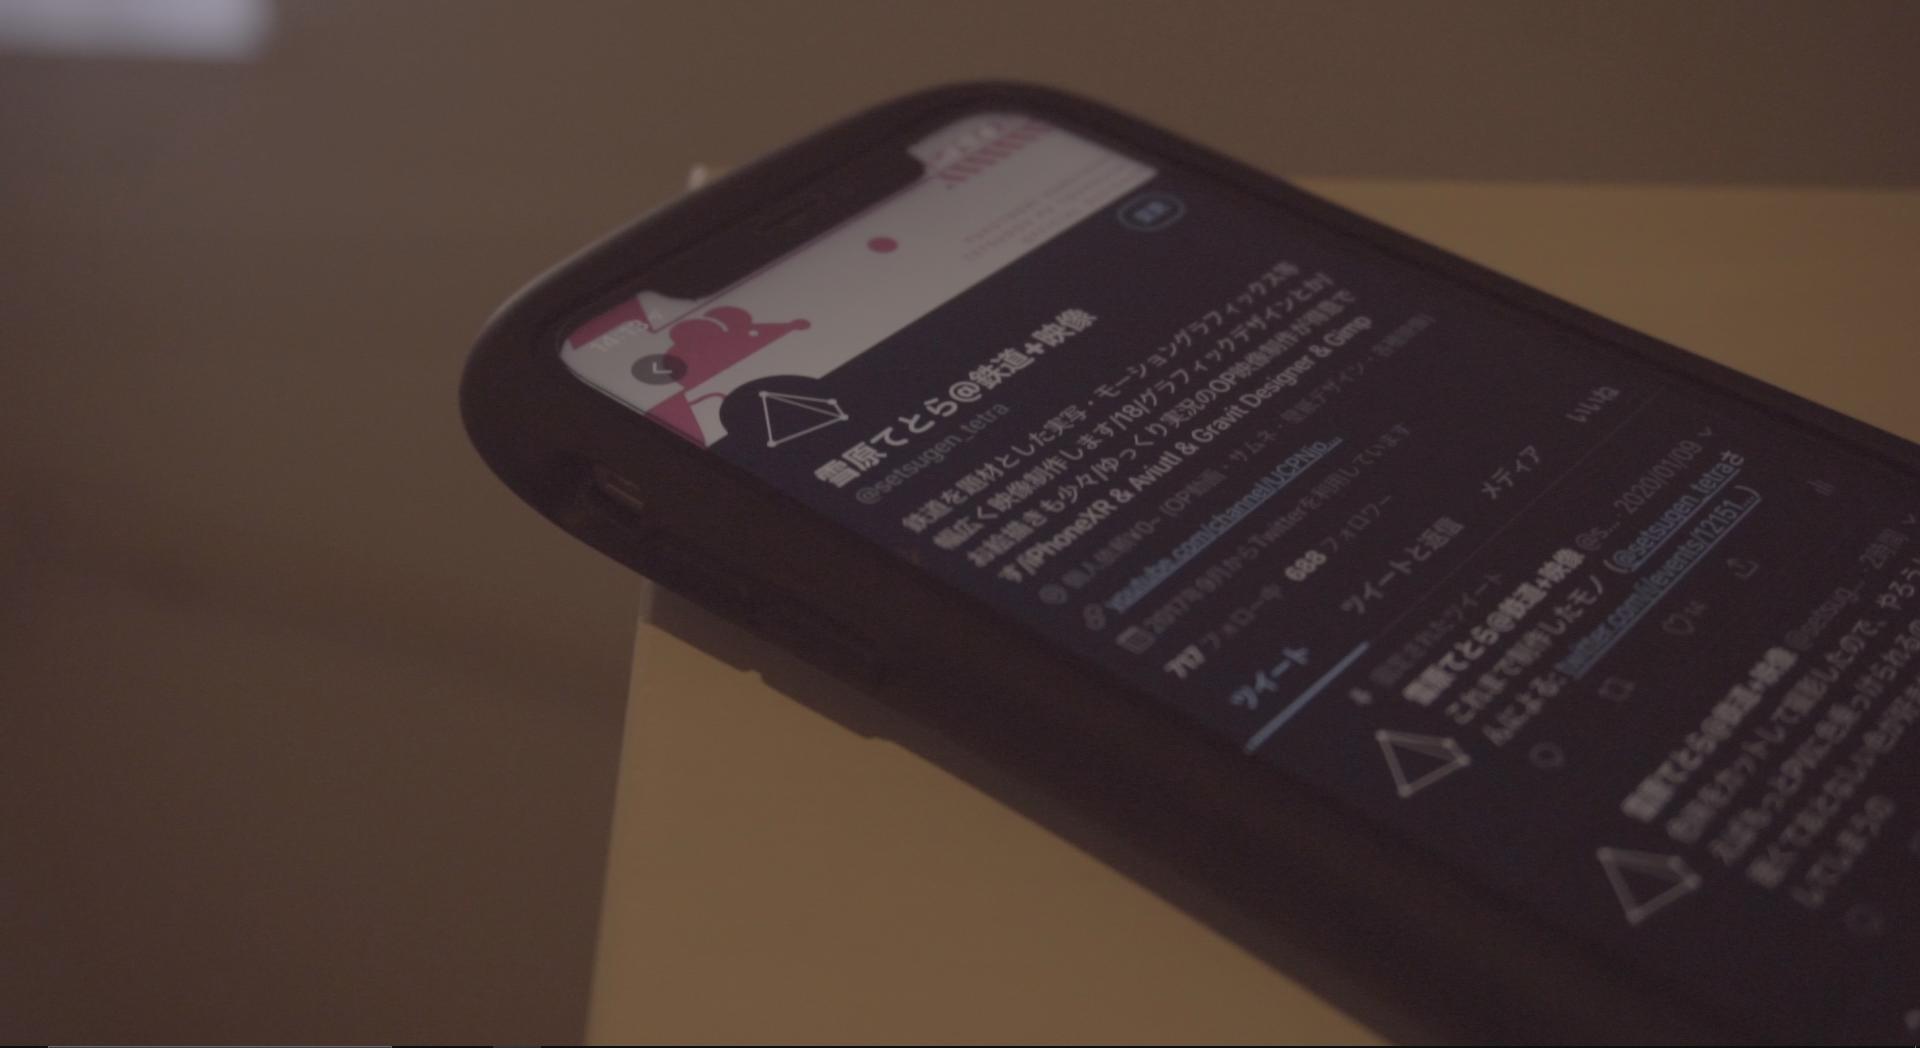 【キネマ】iPhoneで動画編集するのはハードル高い